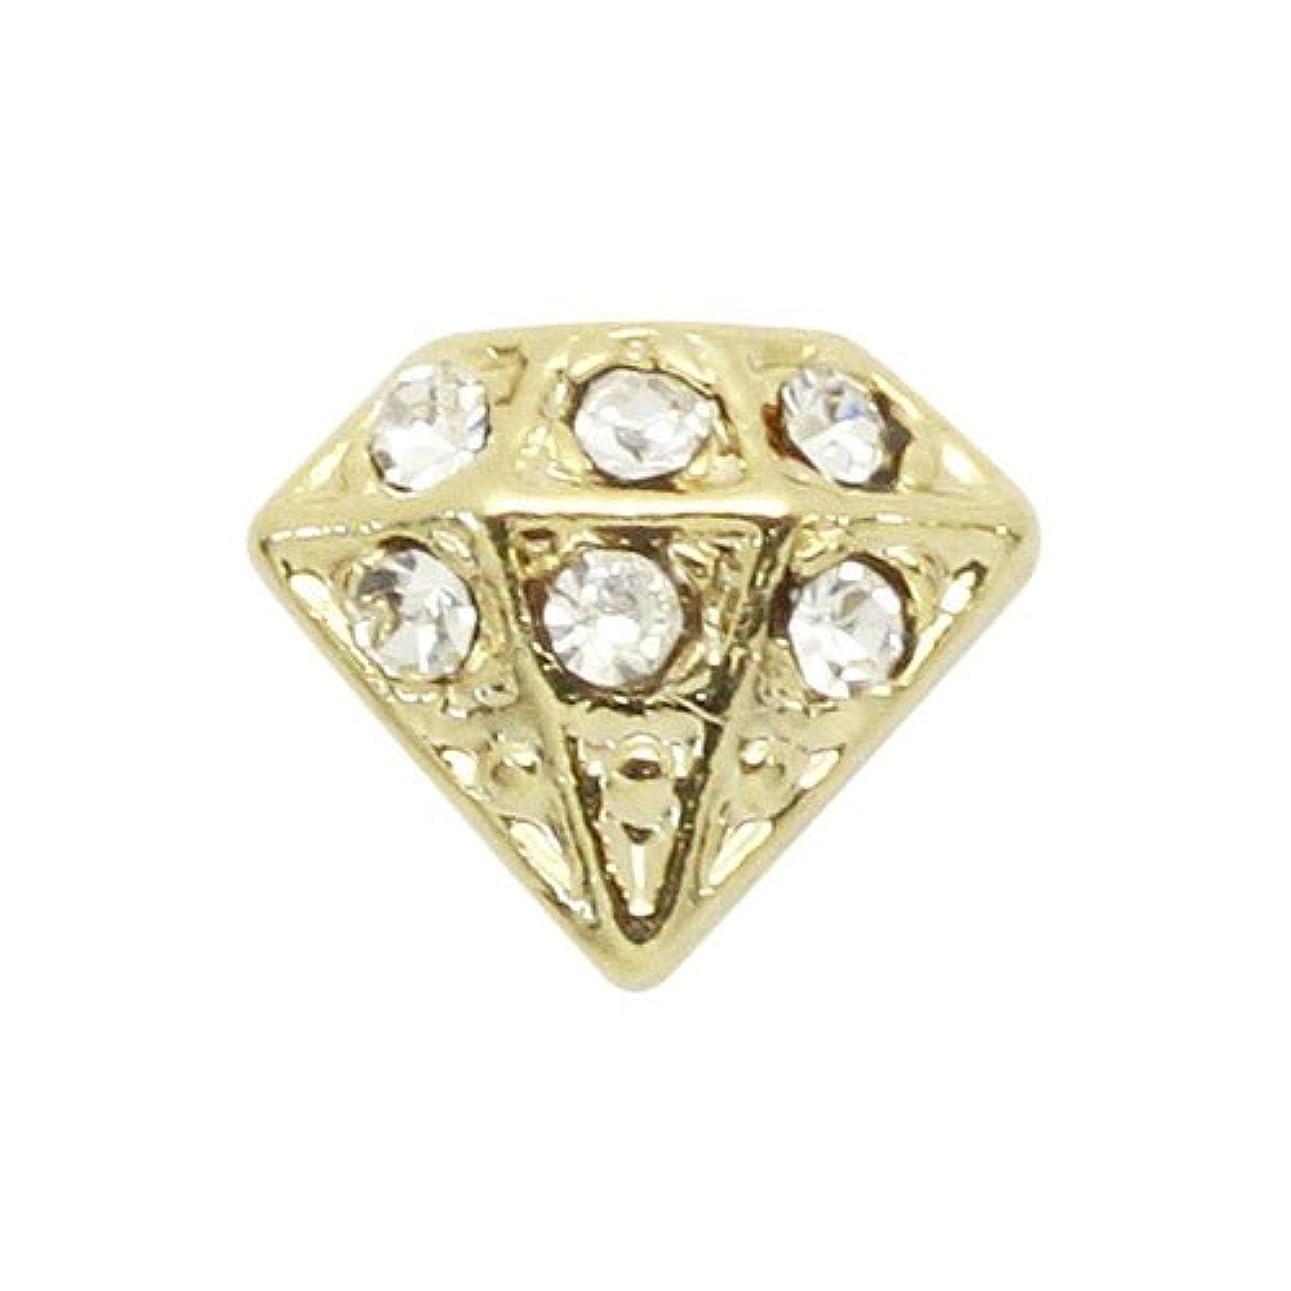 確立します交通渋滞話エムプティ ネイルパーツ ダイアモンド A191 1個